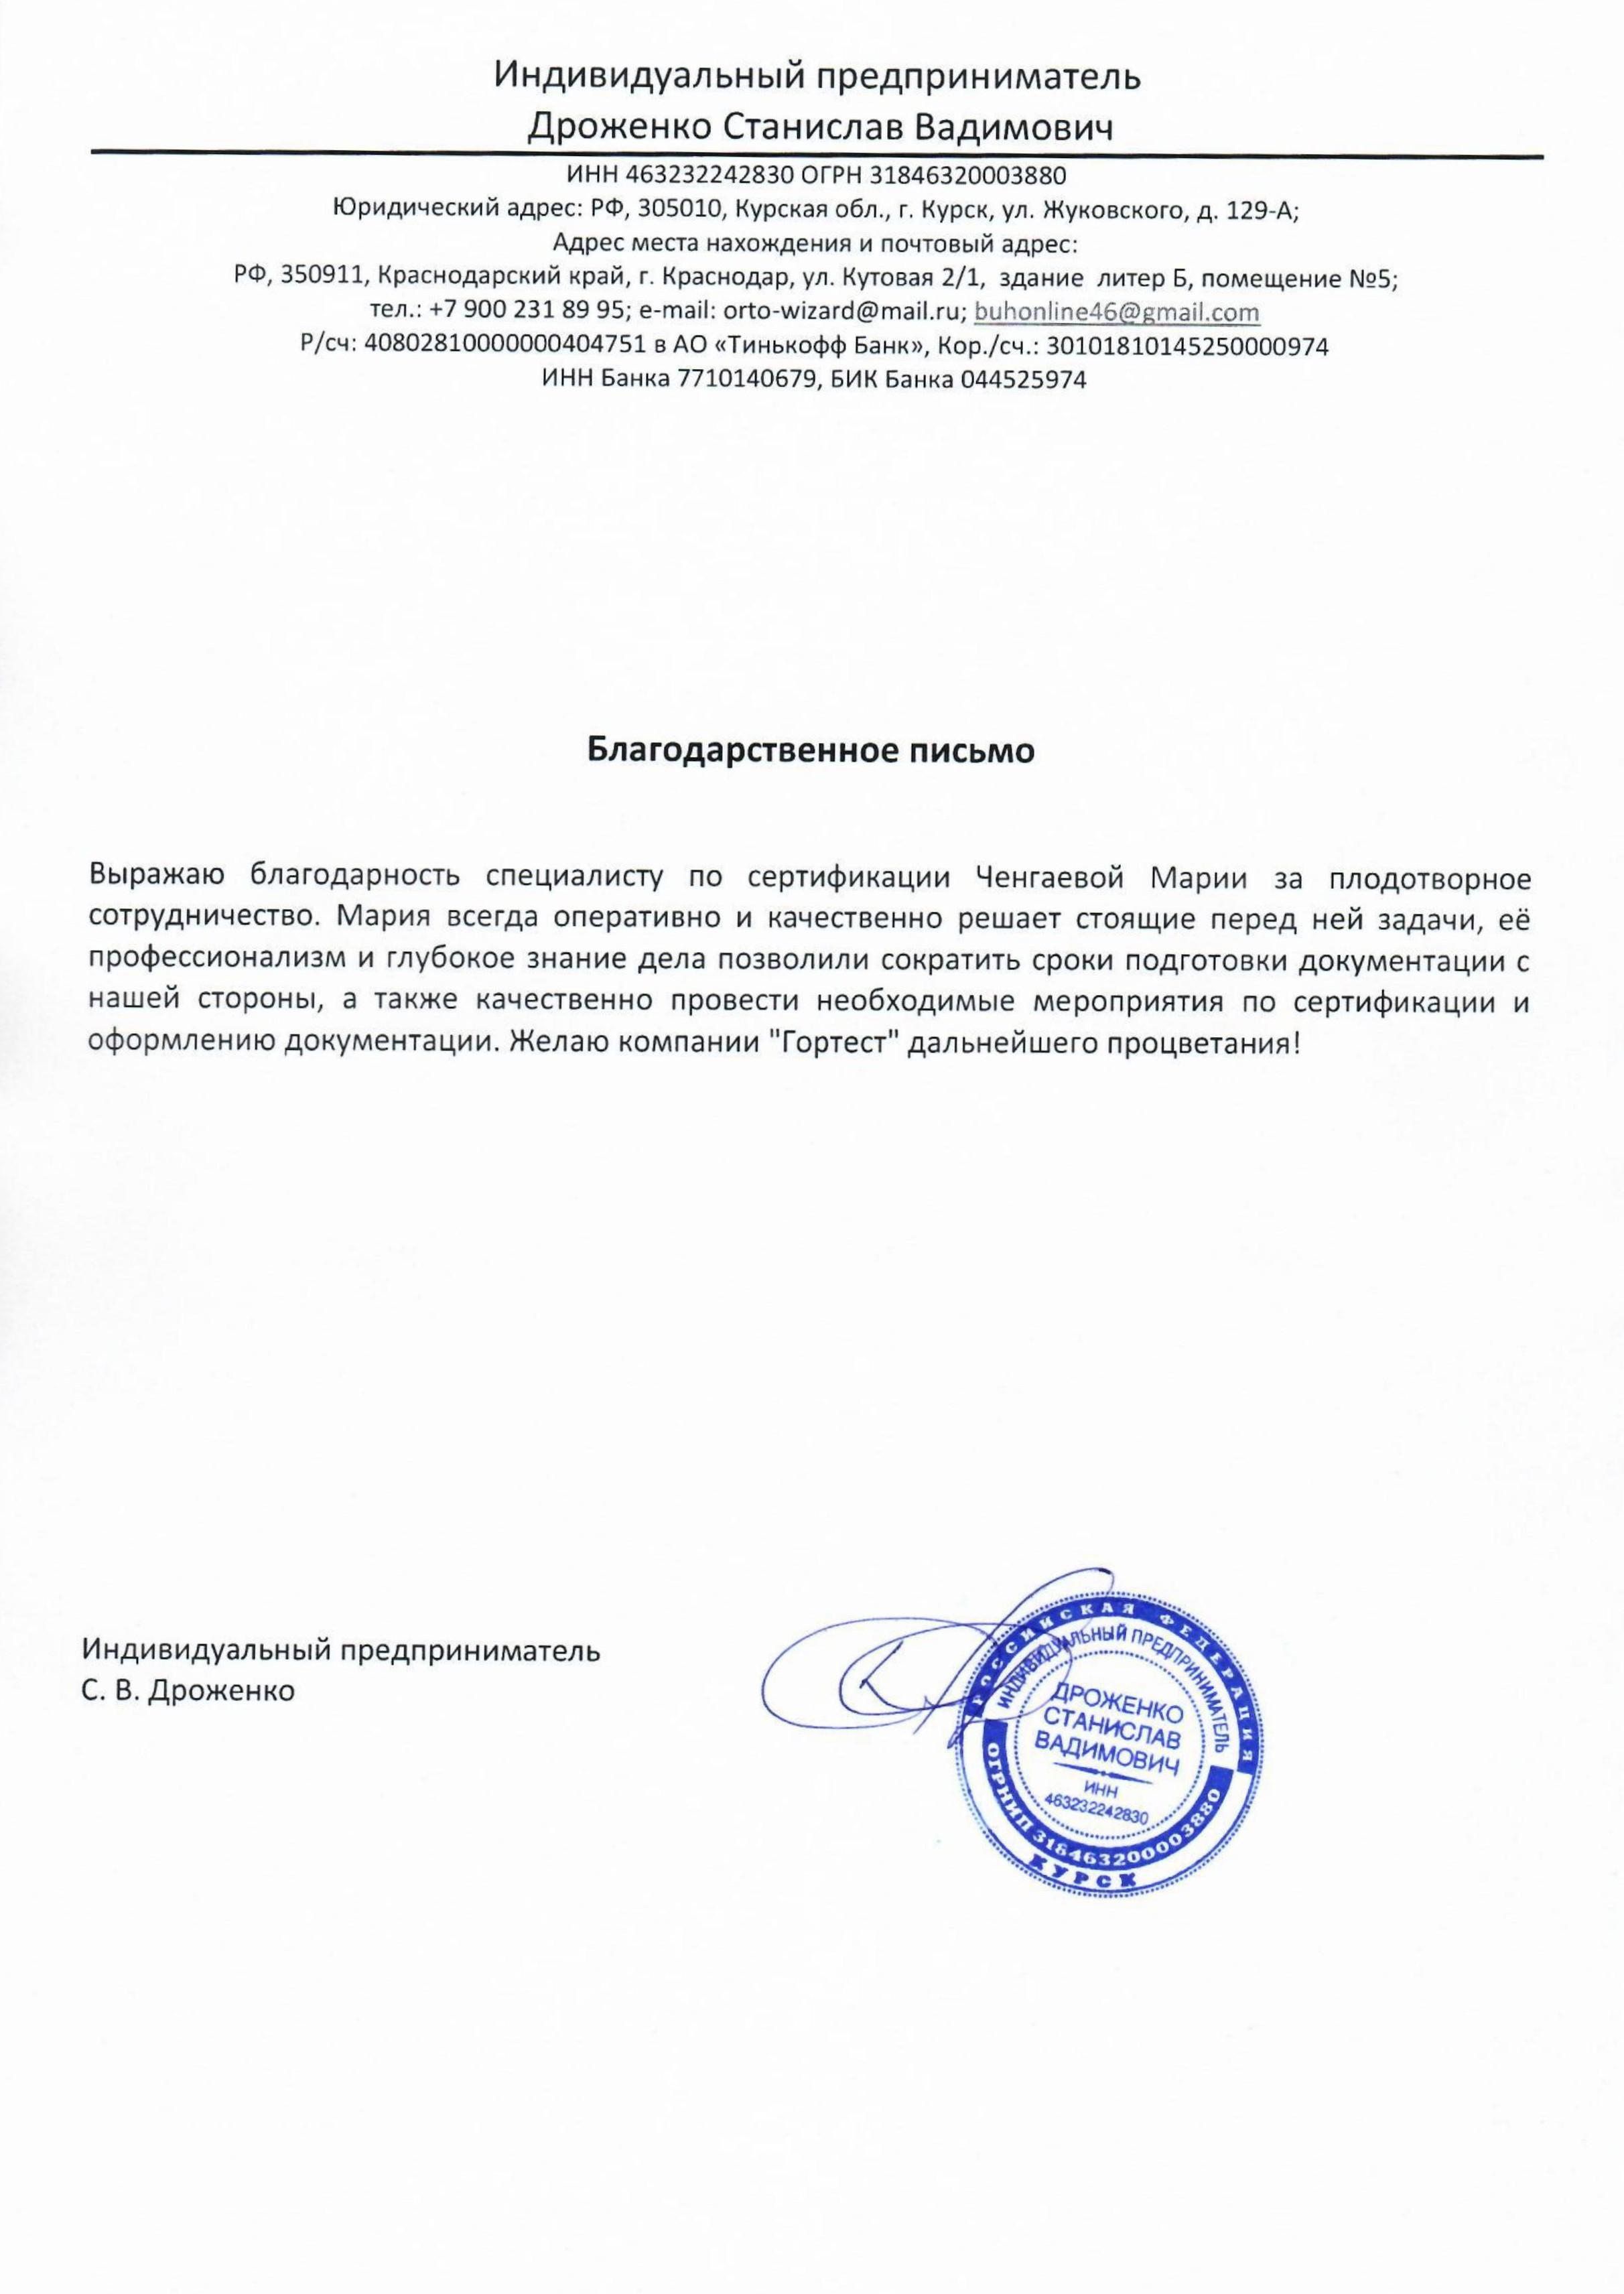 ИП Дроженко С.В.